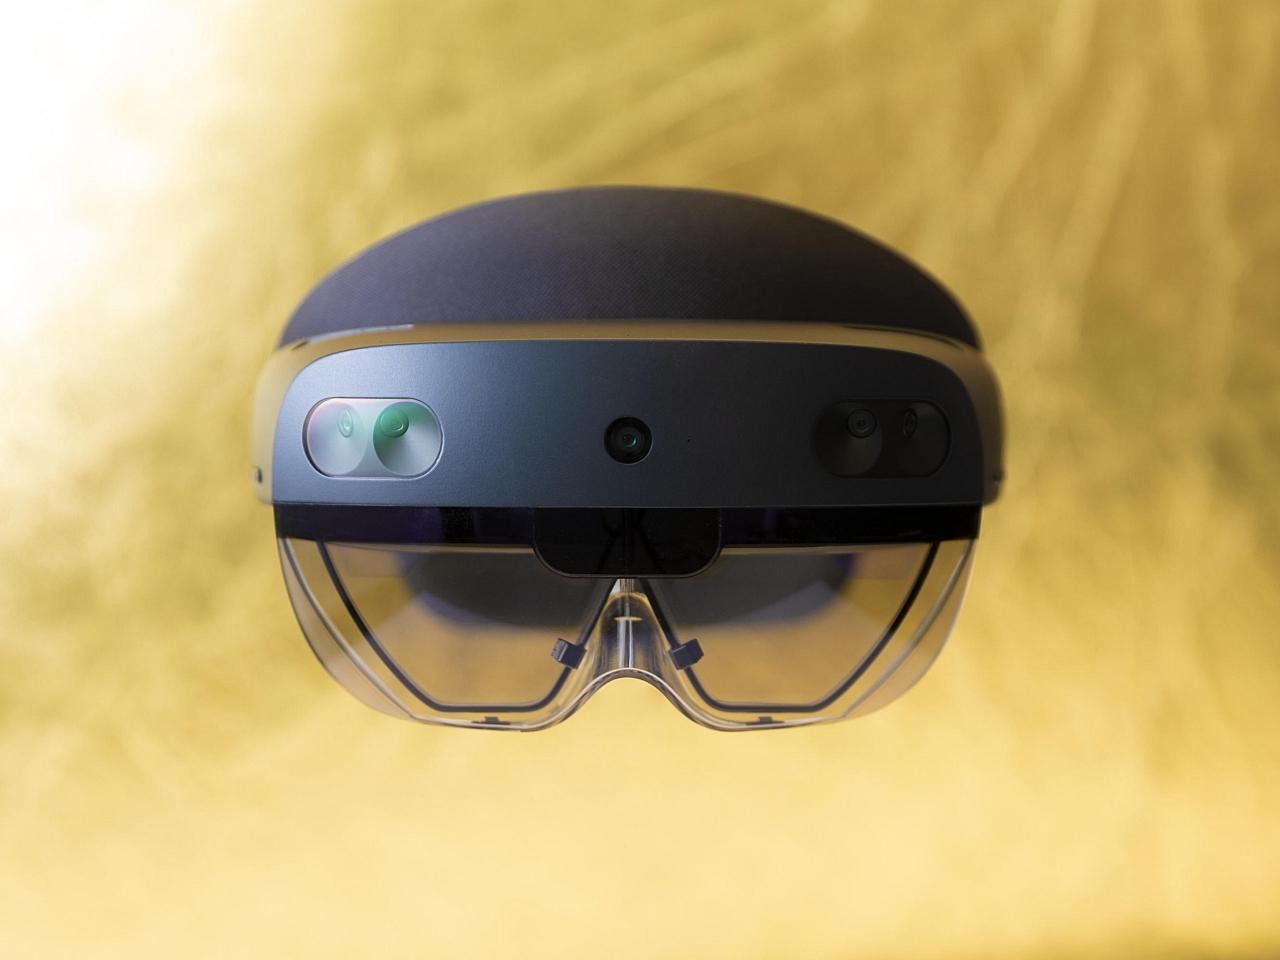 マイクロソフトは「HoloLens 2」でさらなるクラウド活用も促す